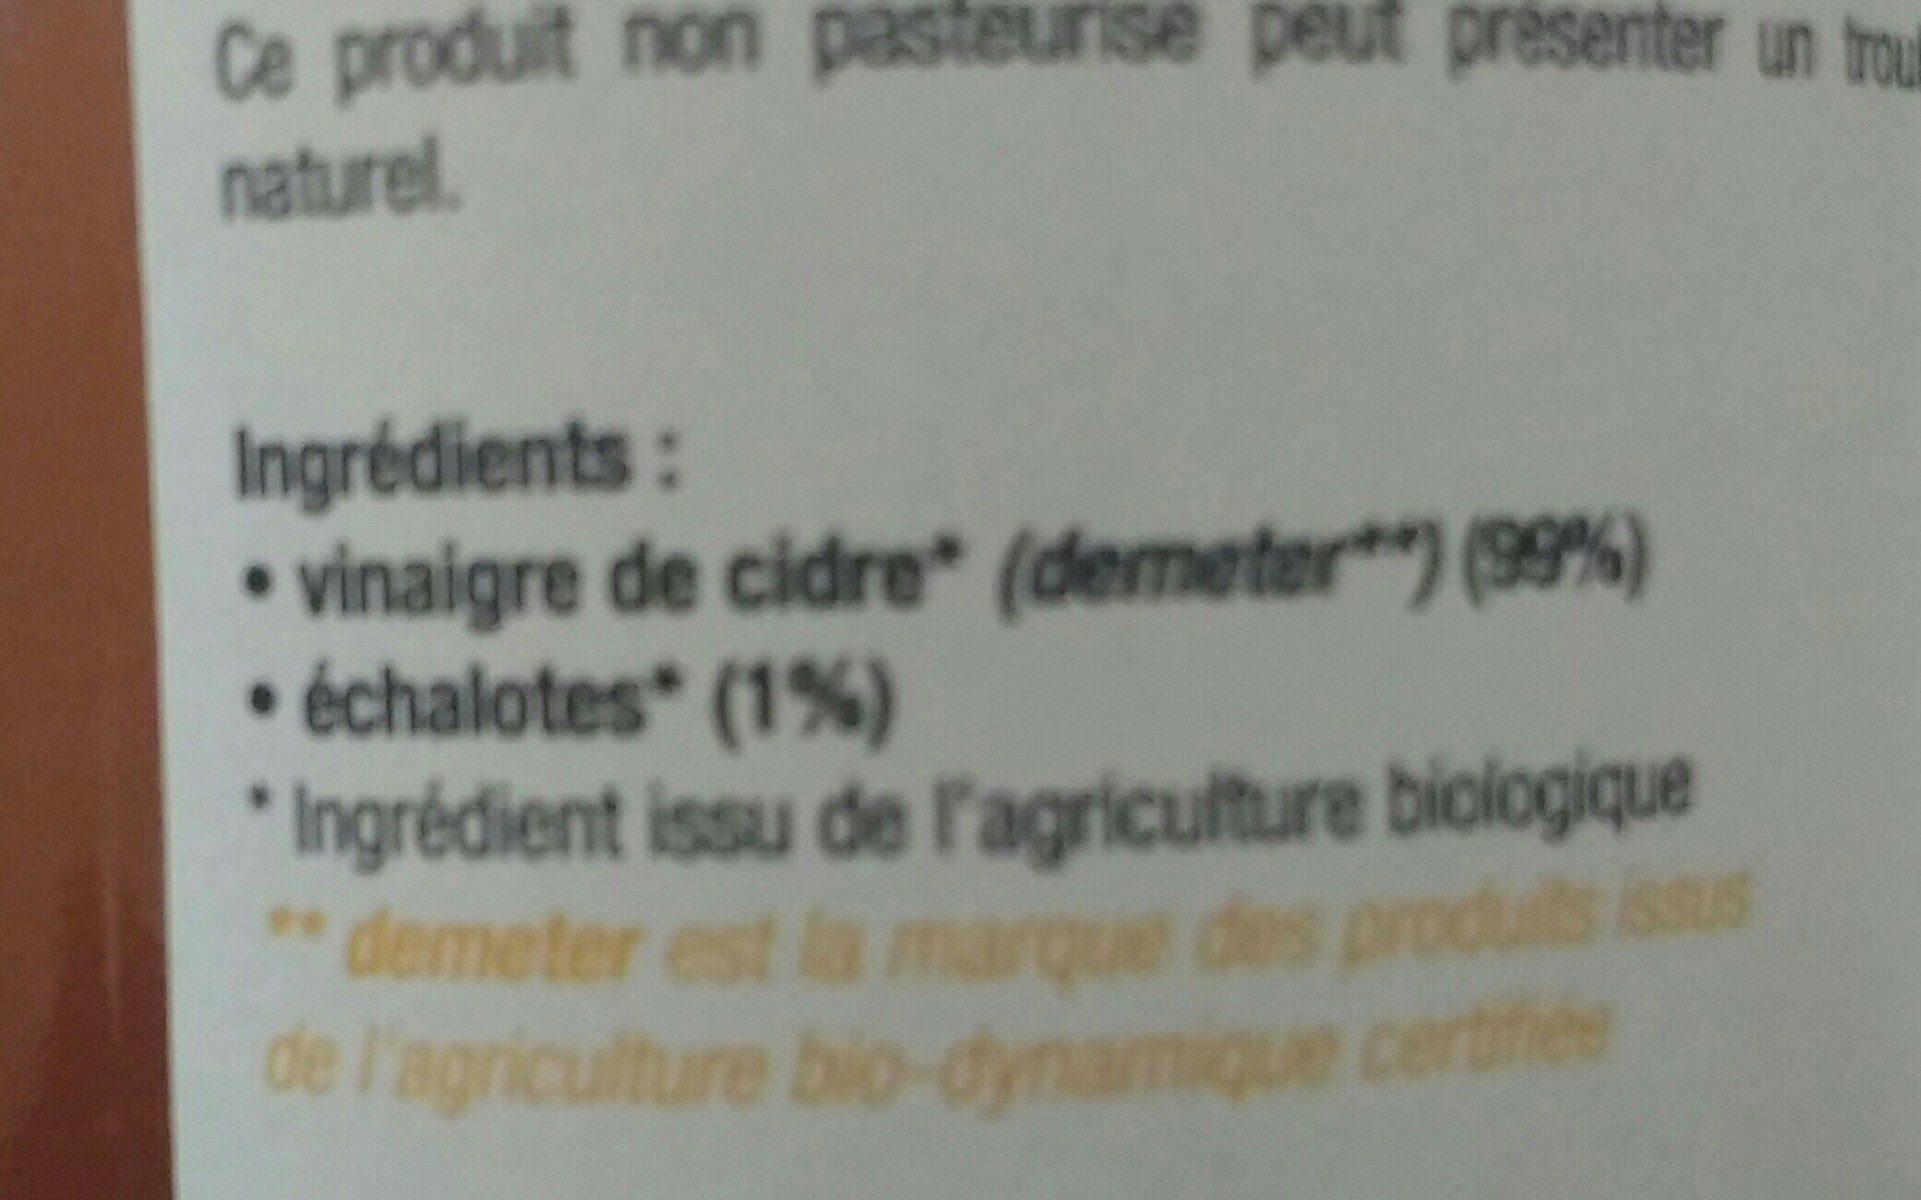 Vinaigre de cidre aux échalotes - Ingredients